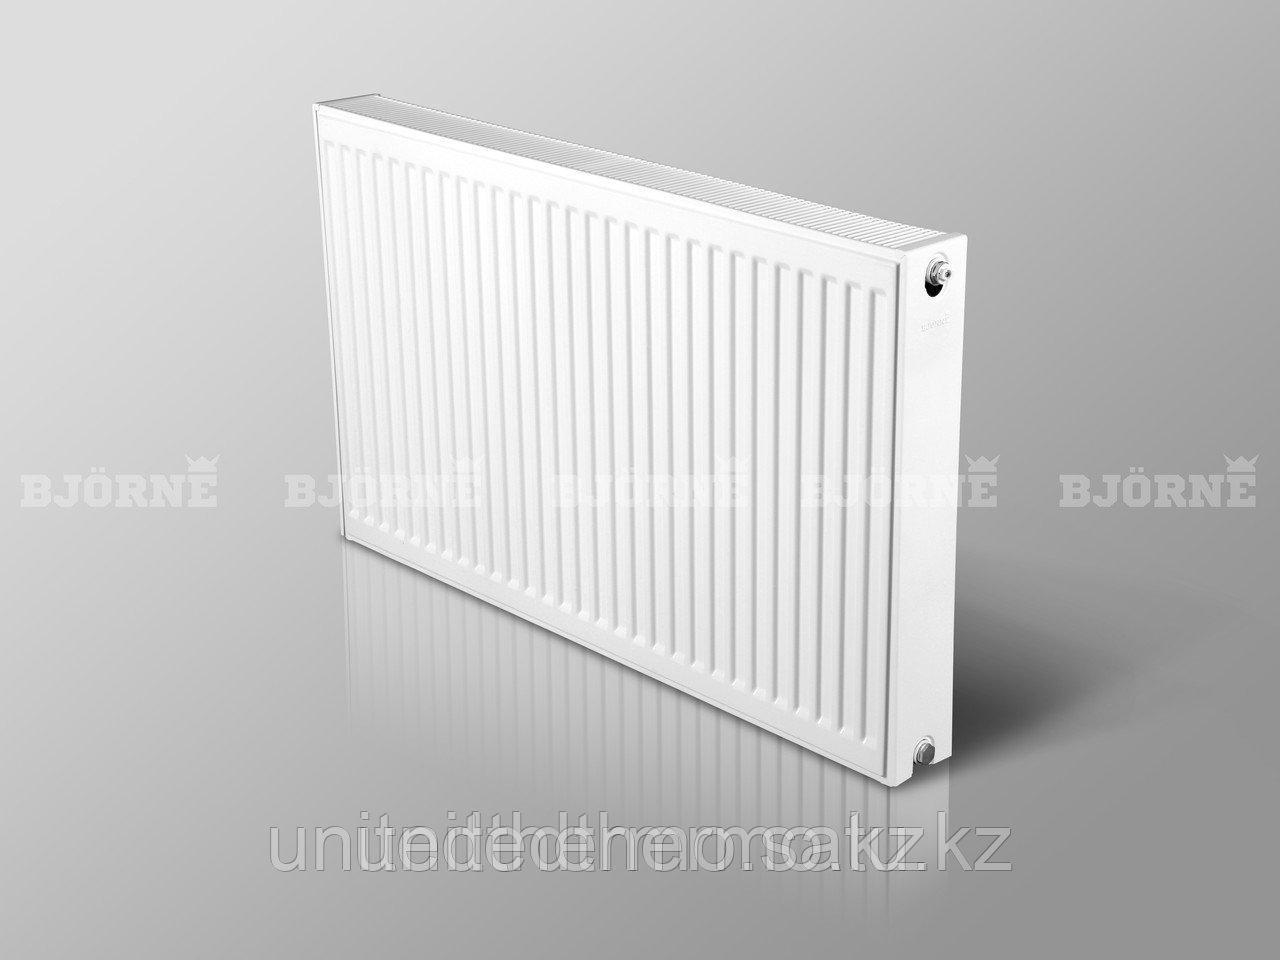 Стальной панельный радиатор Bjorne тип 22K H500мм*L700мм боковое подключение